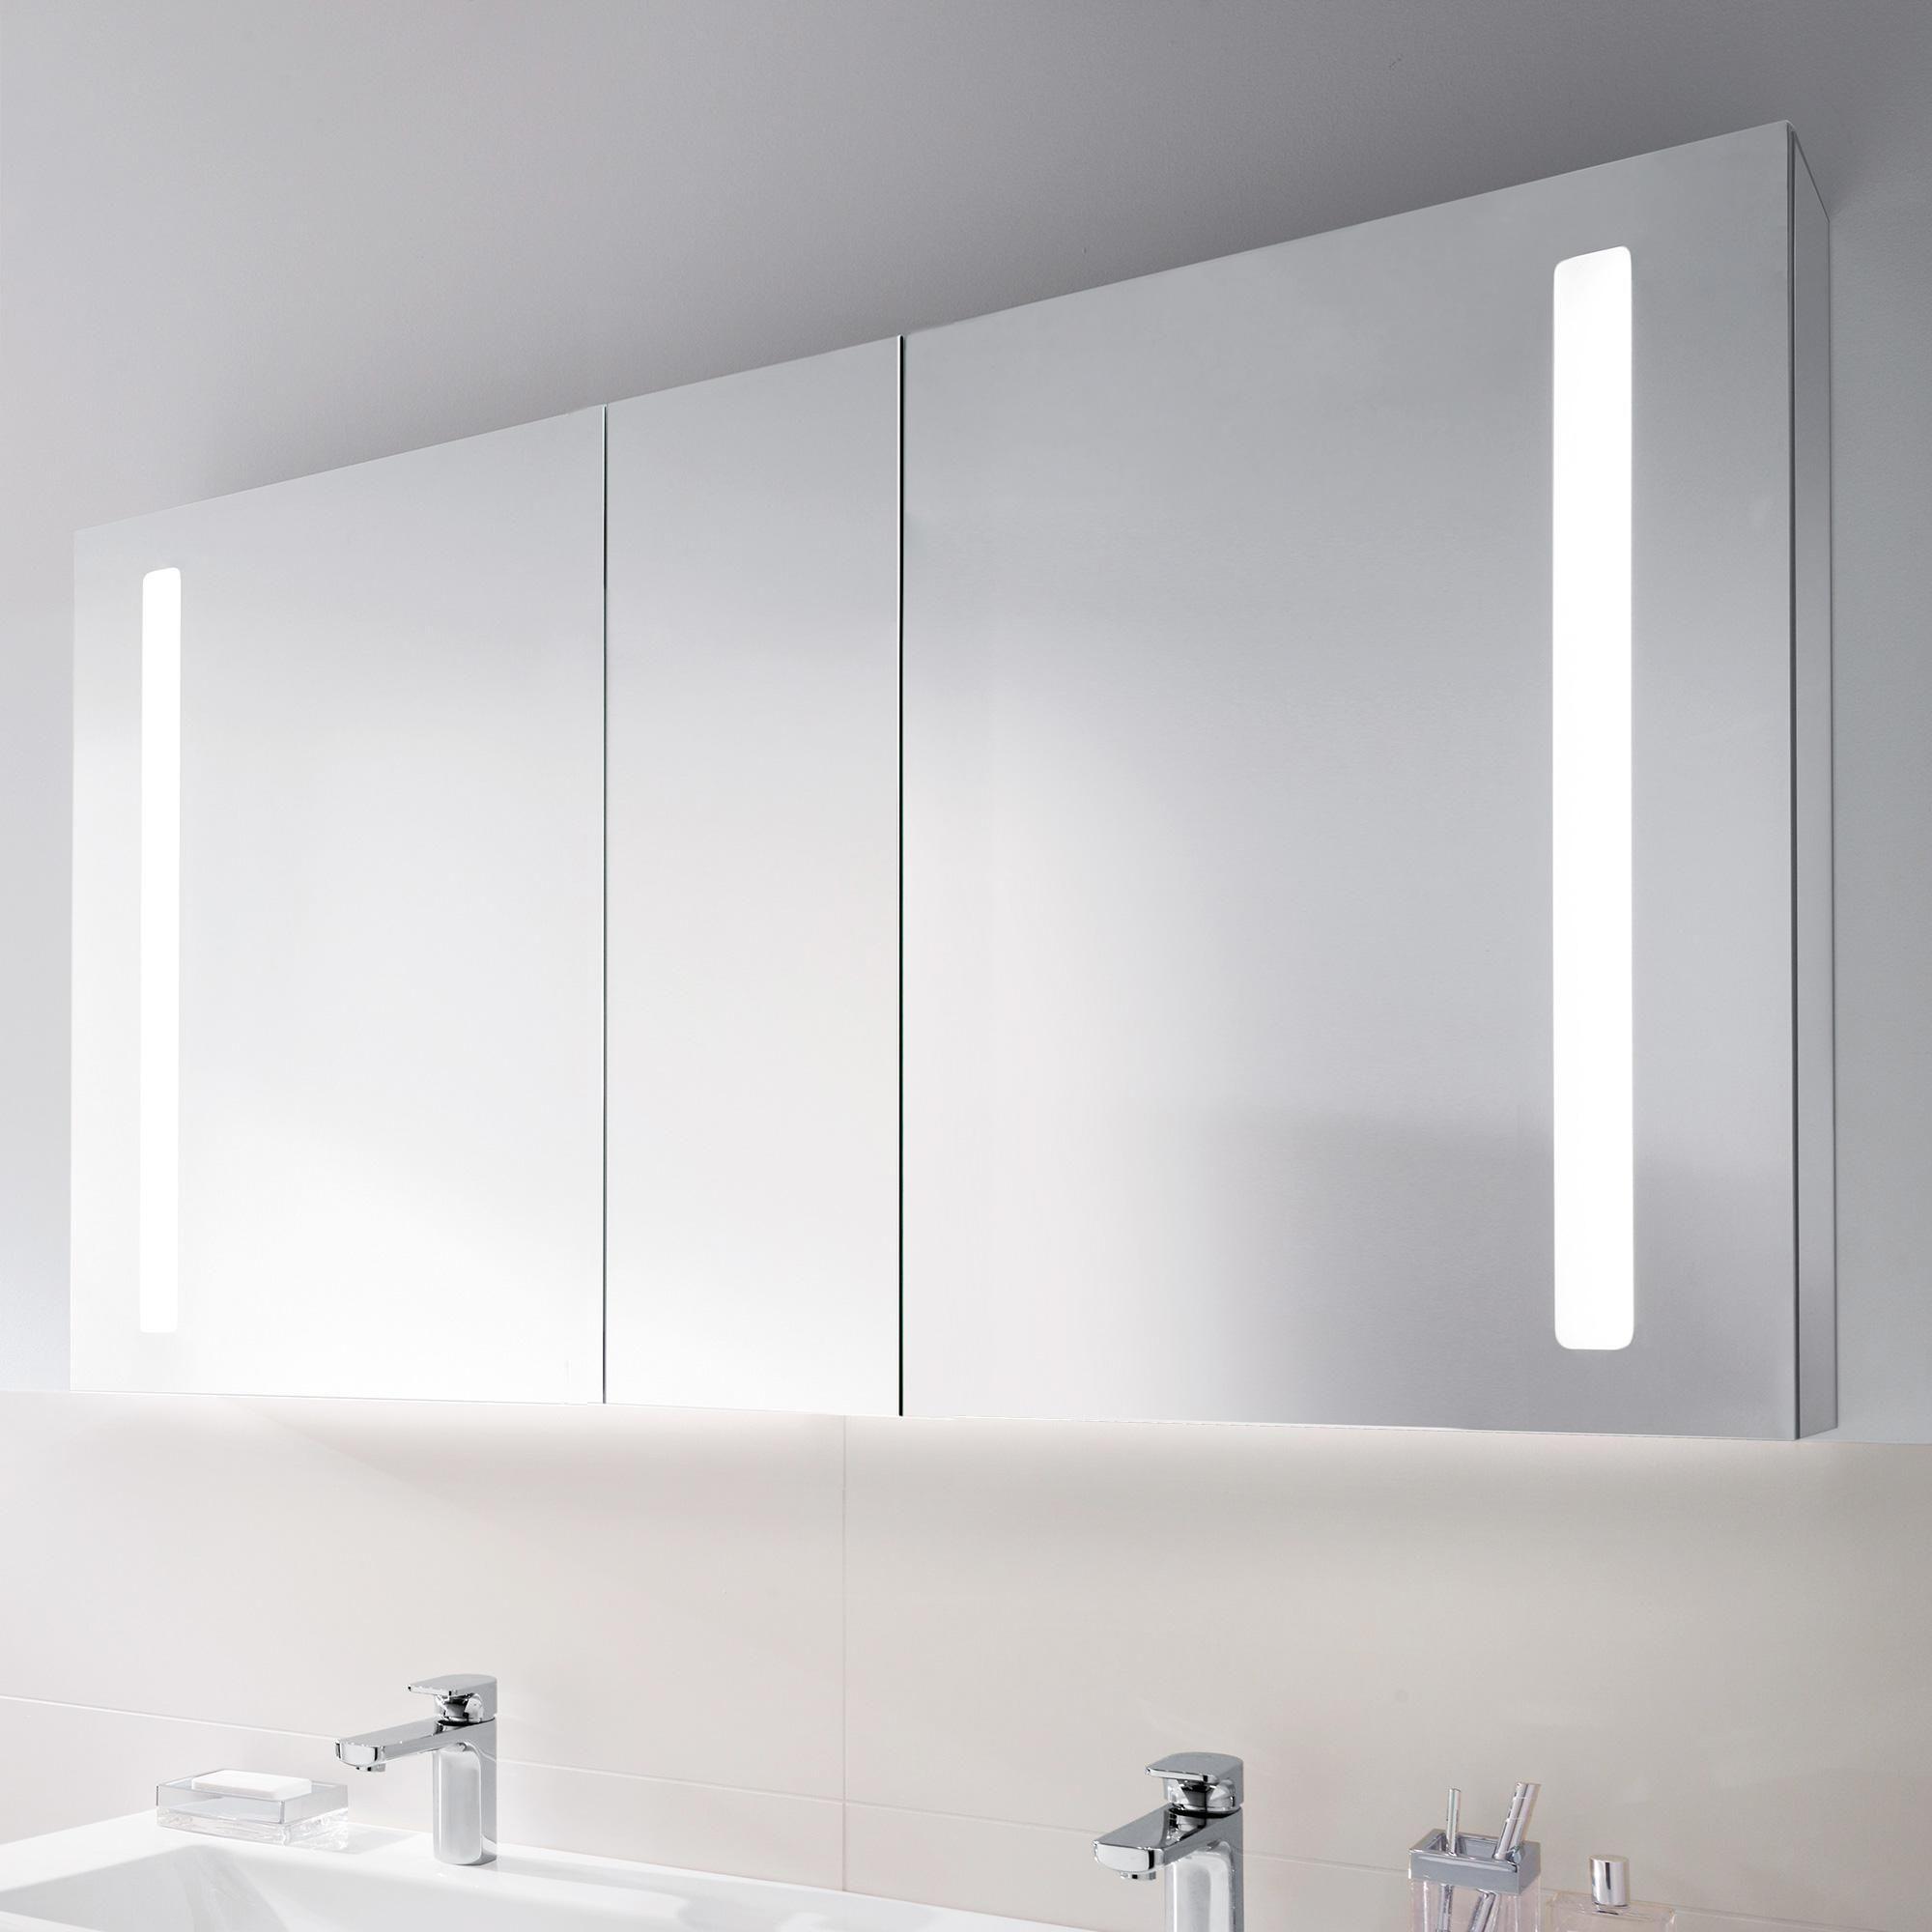 Badezimmer Spiegelschrank Alu Aufsatzwaschbecken Kleines Ideen Accessoires Badezimmer Spiegelschran Badspiegelschrank Spiegelschrank Spiegelschrank Beleuchtung